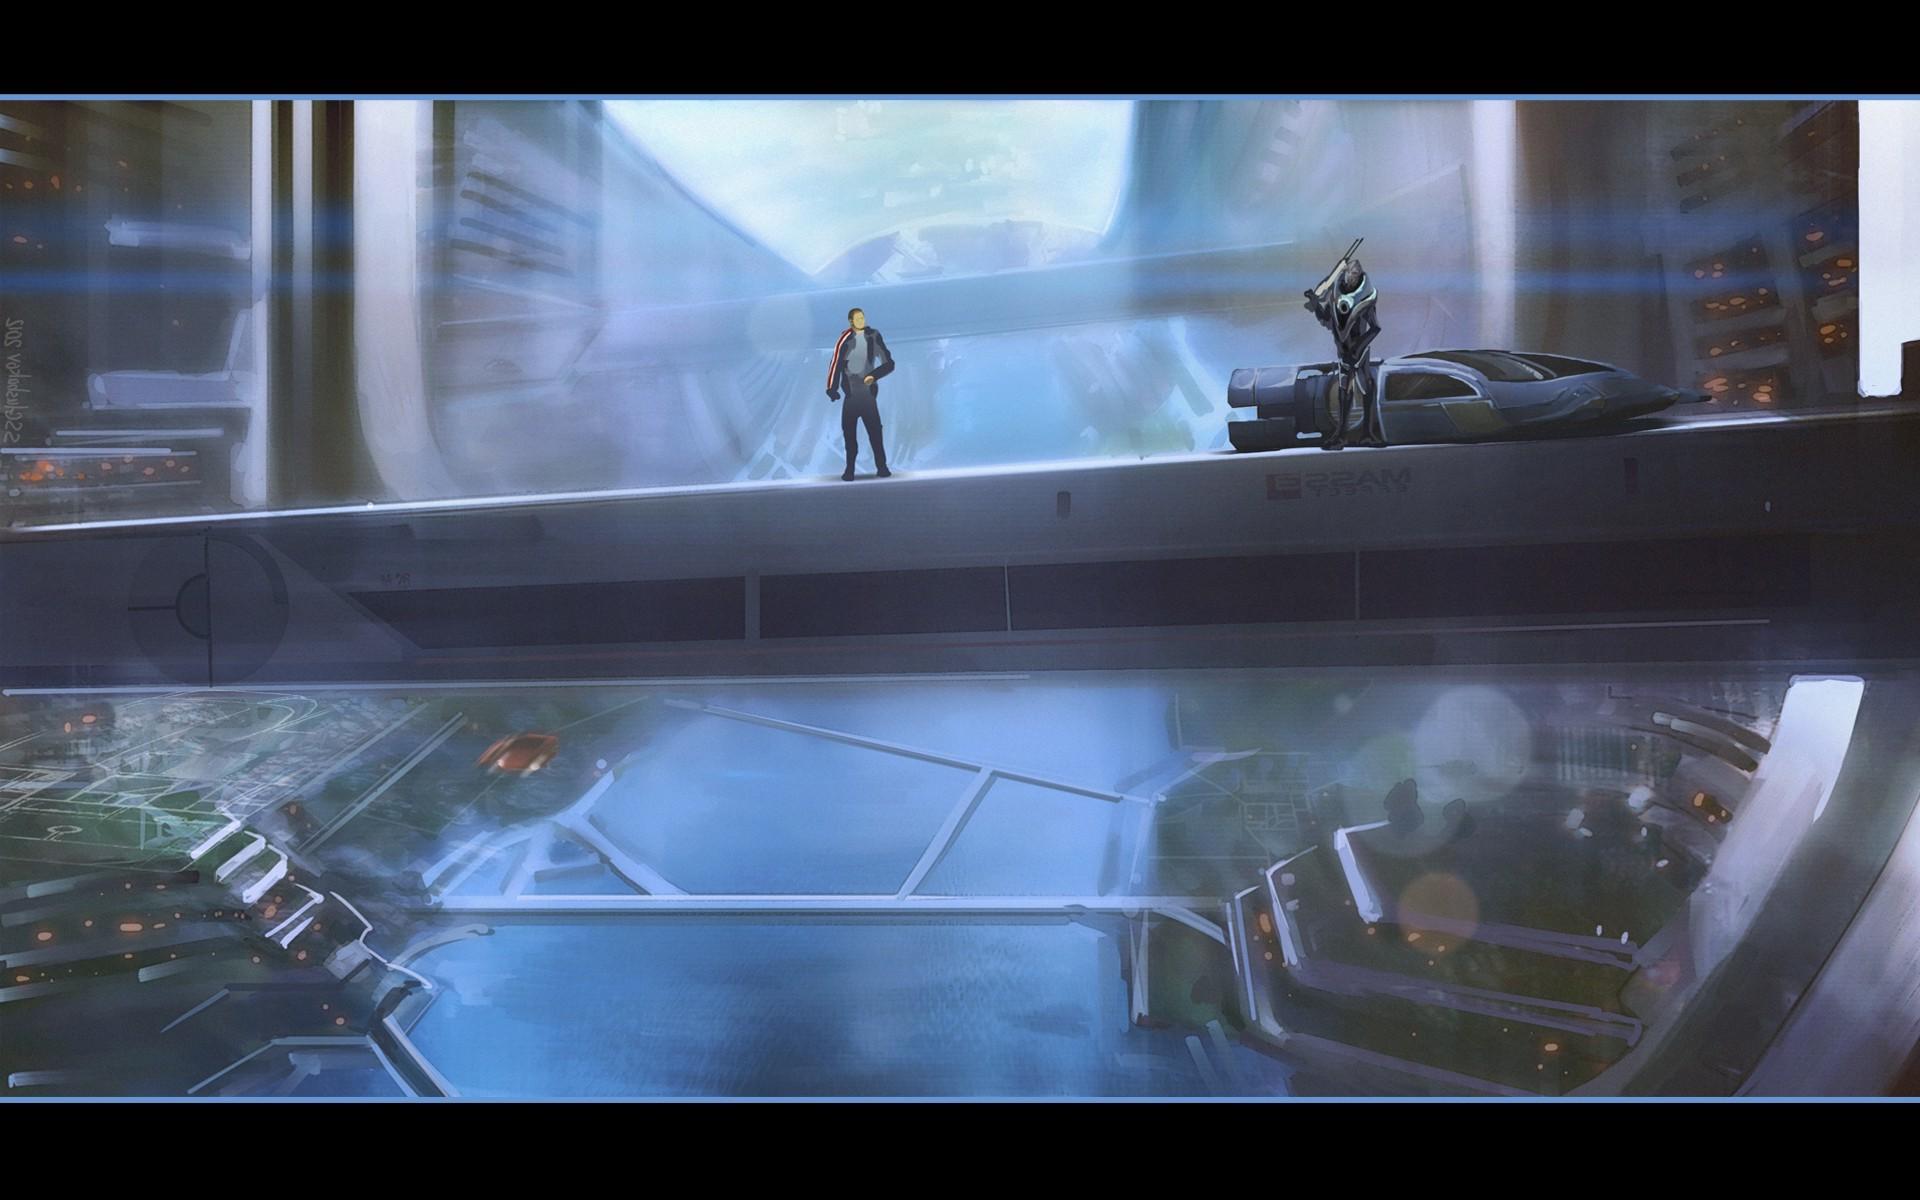 fantasy Art, Mass Effect, Mass Effect 3, Concept Art Wallpapers HD / Desktop  and Mobile Backgrounds